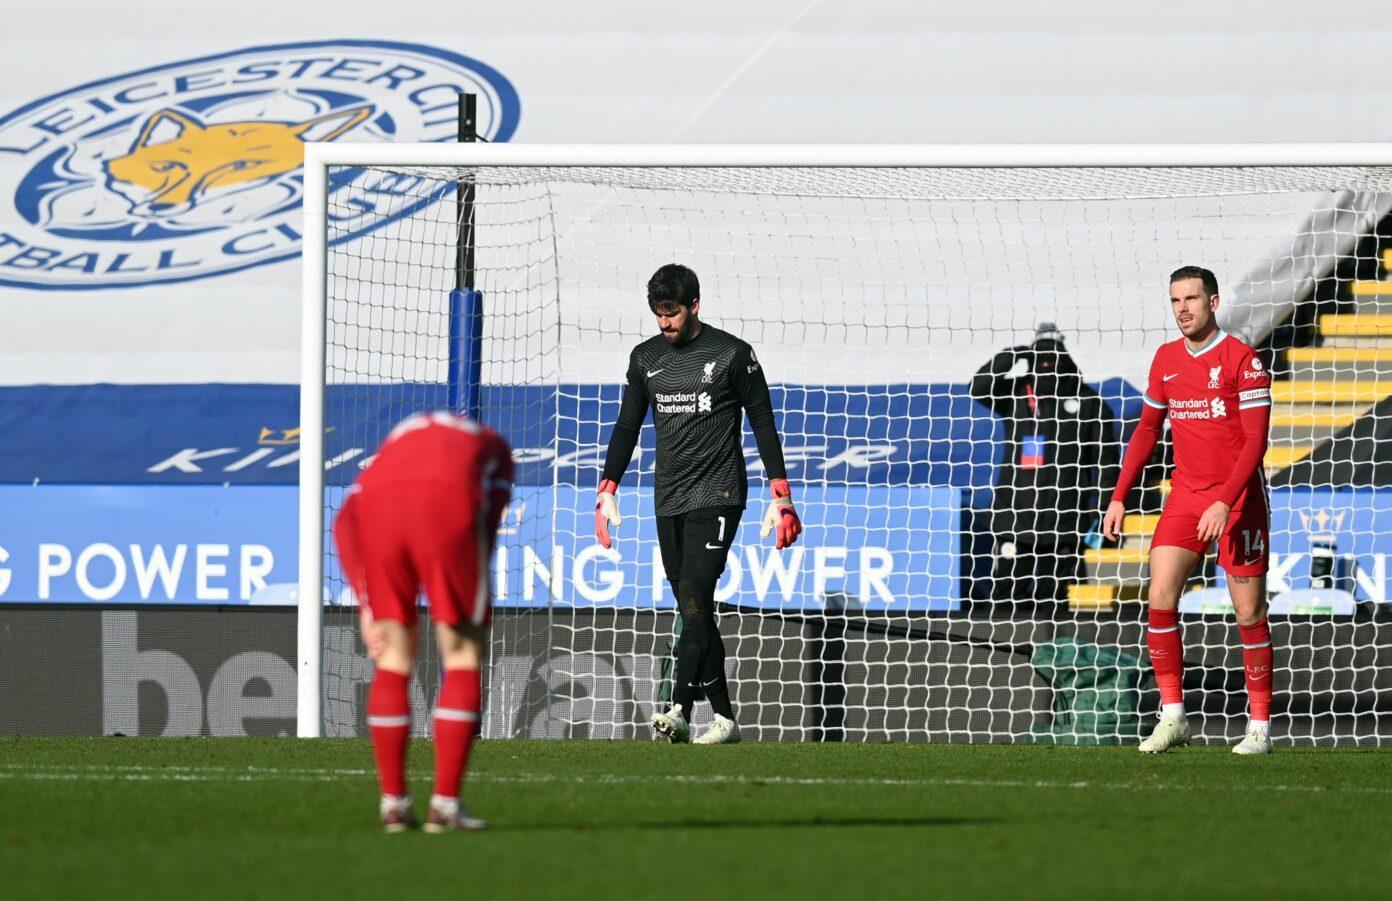 Các cầu thủ Liverpool đang gặp khó khăn về mặt tâm lý